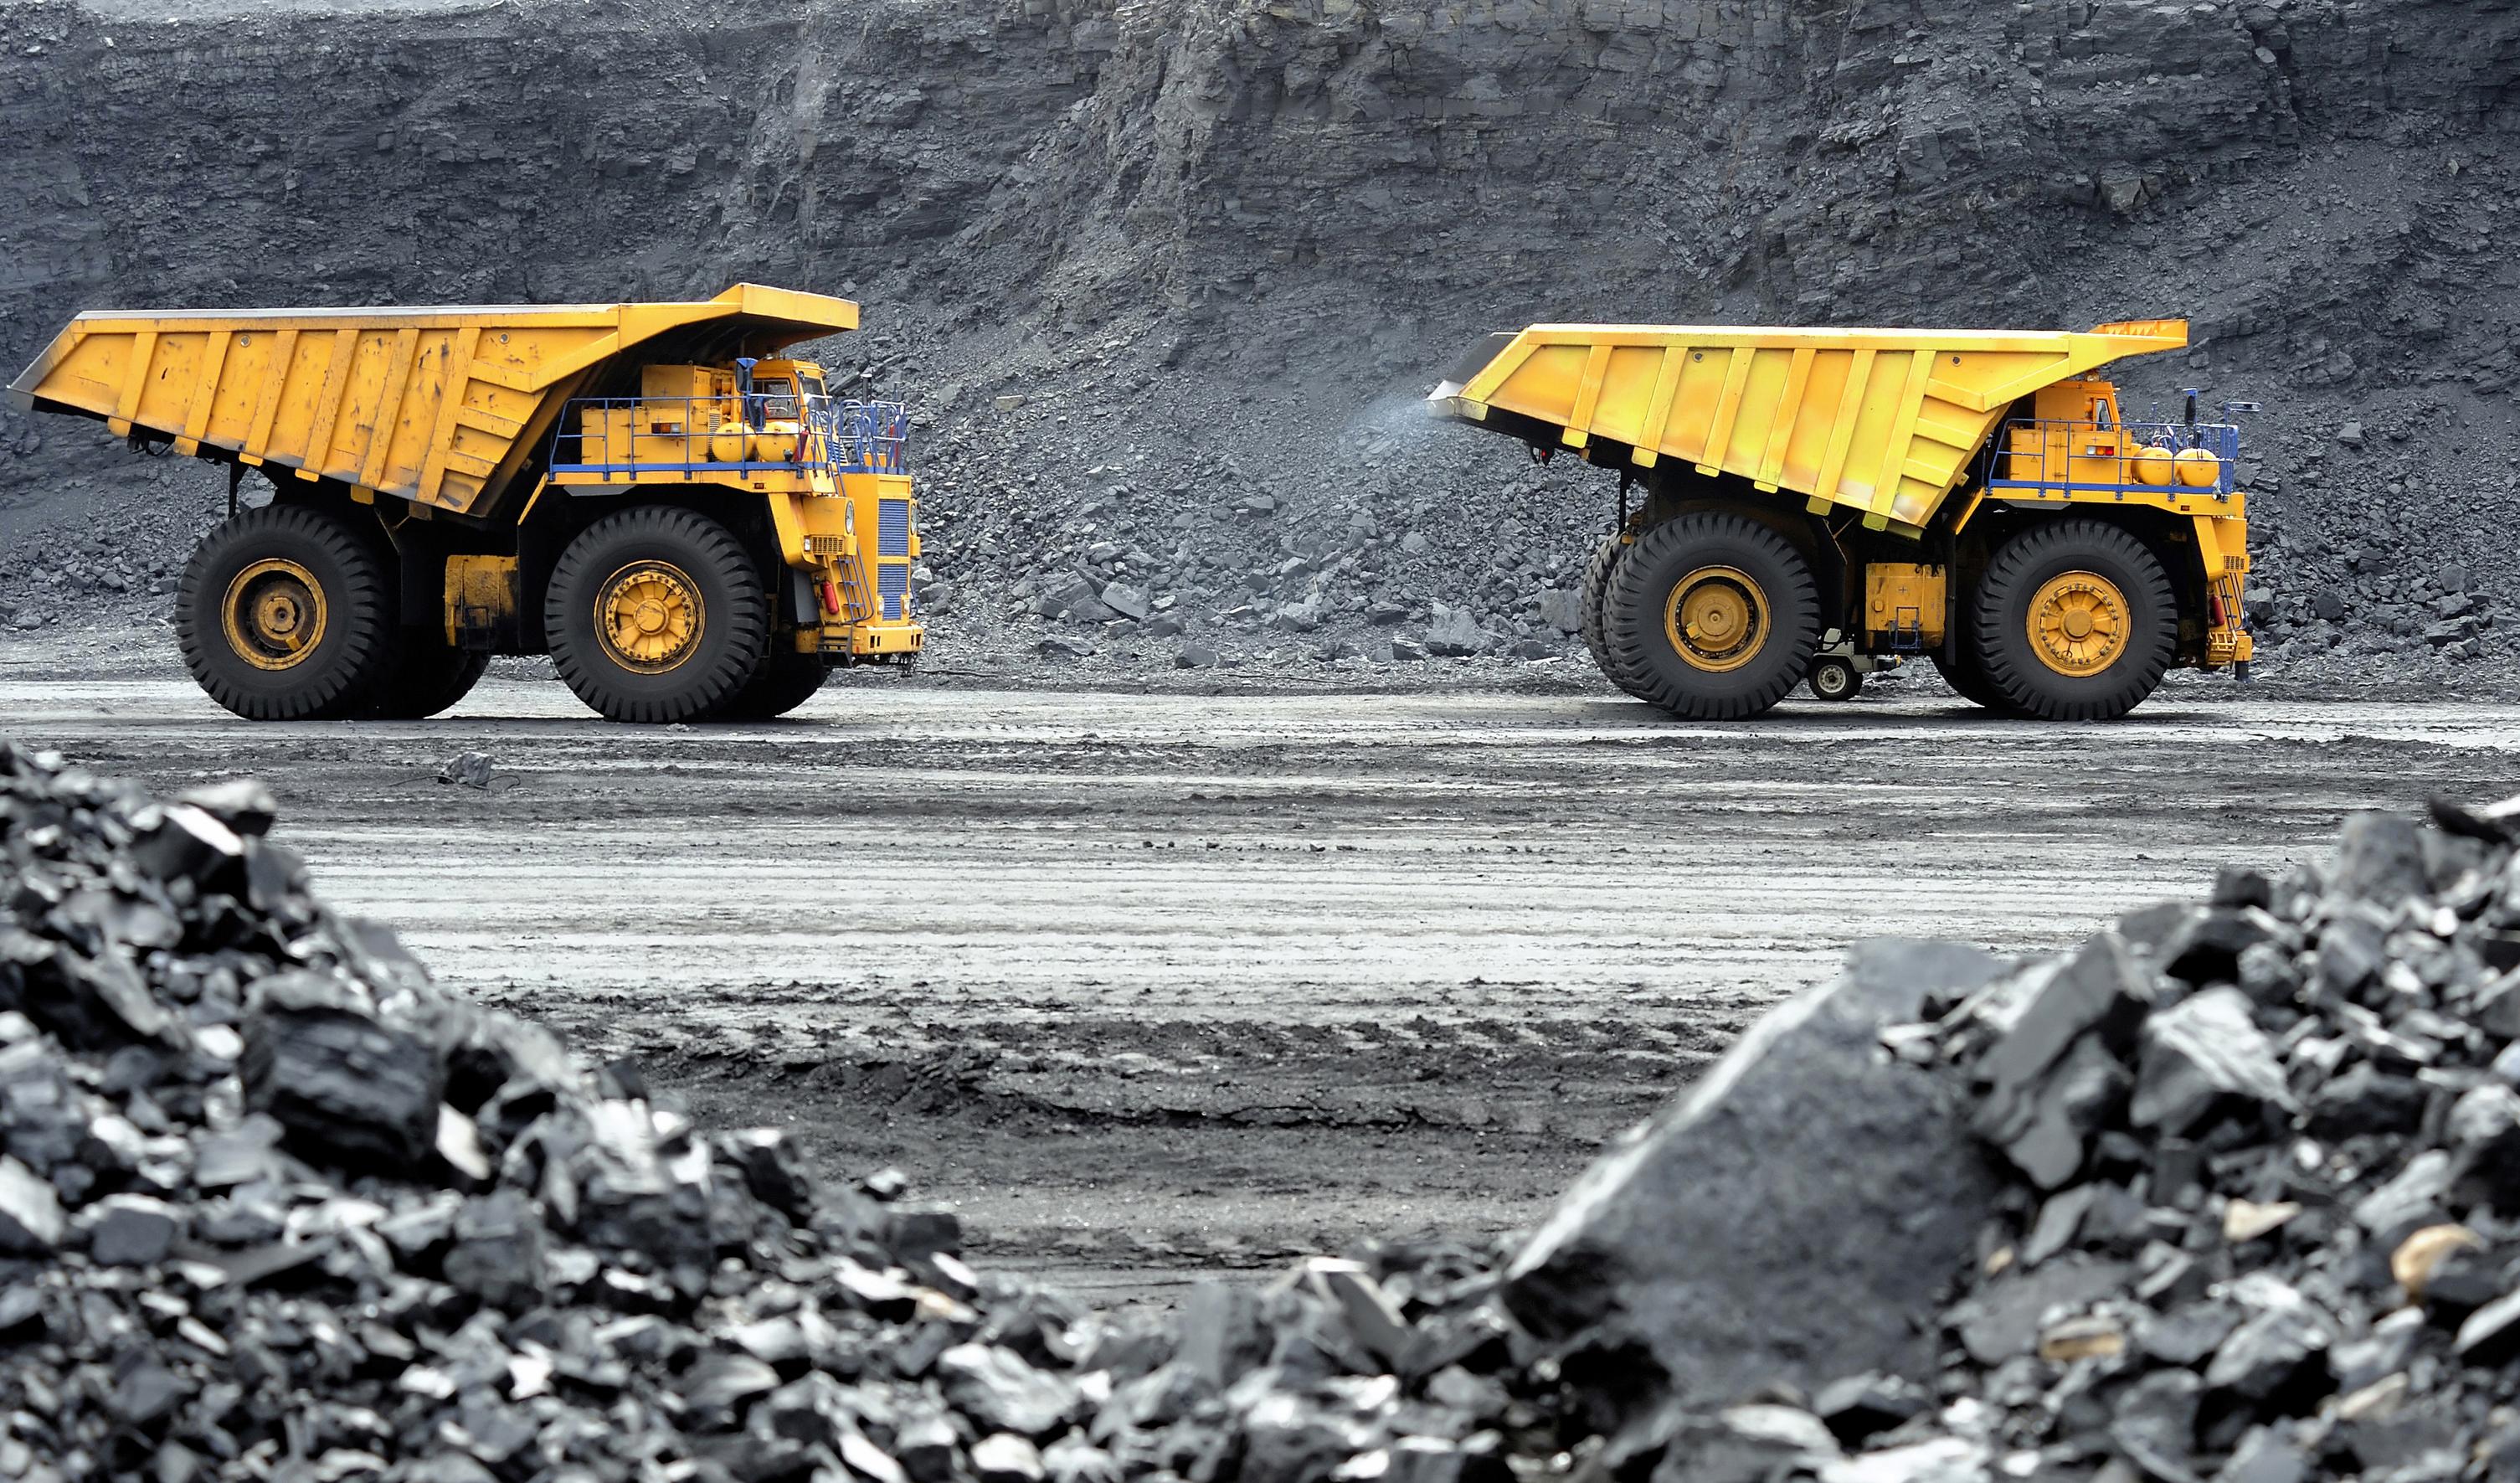 ۱۰ میلیارد دلار سرمایهگذاری طرحهای بخش معدن تا سال ۱۴۰۴